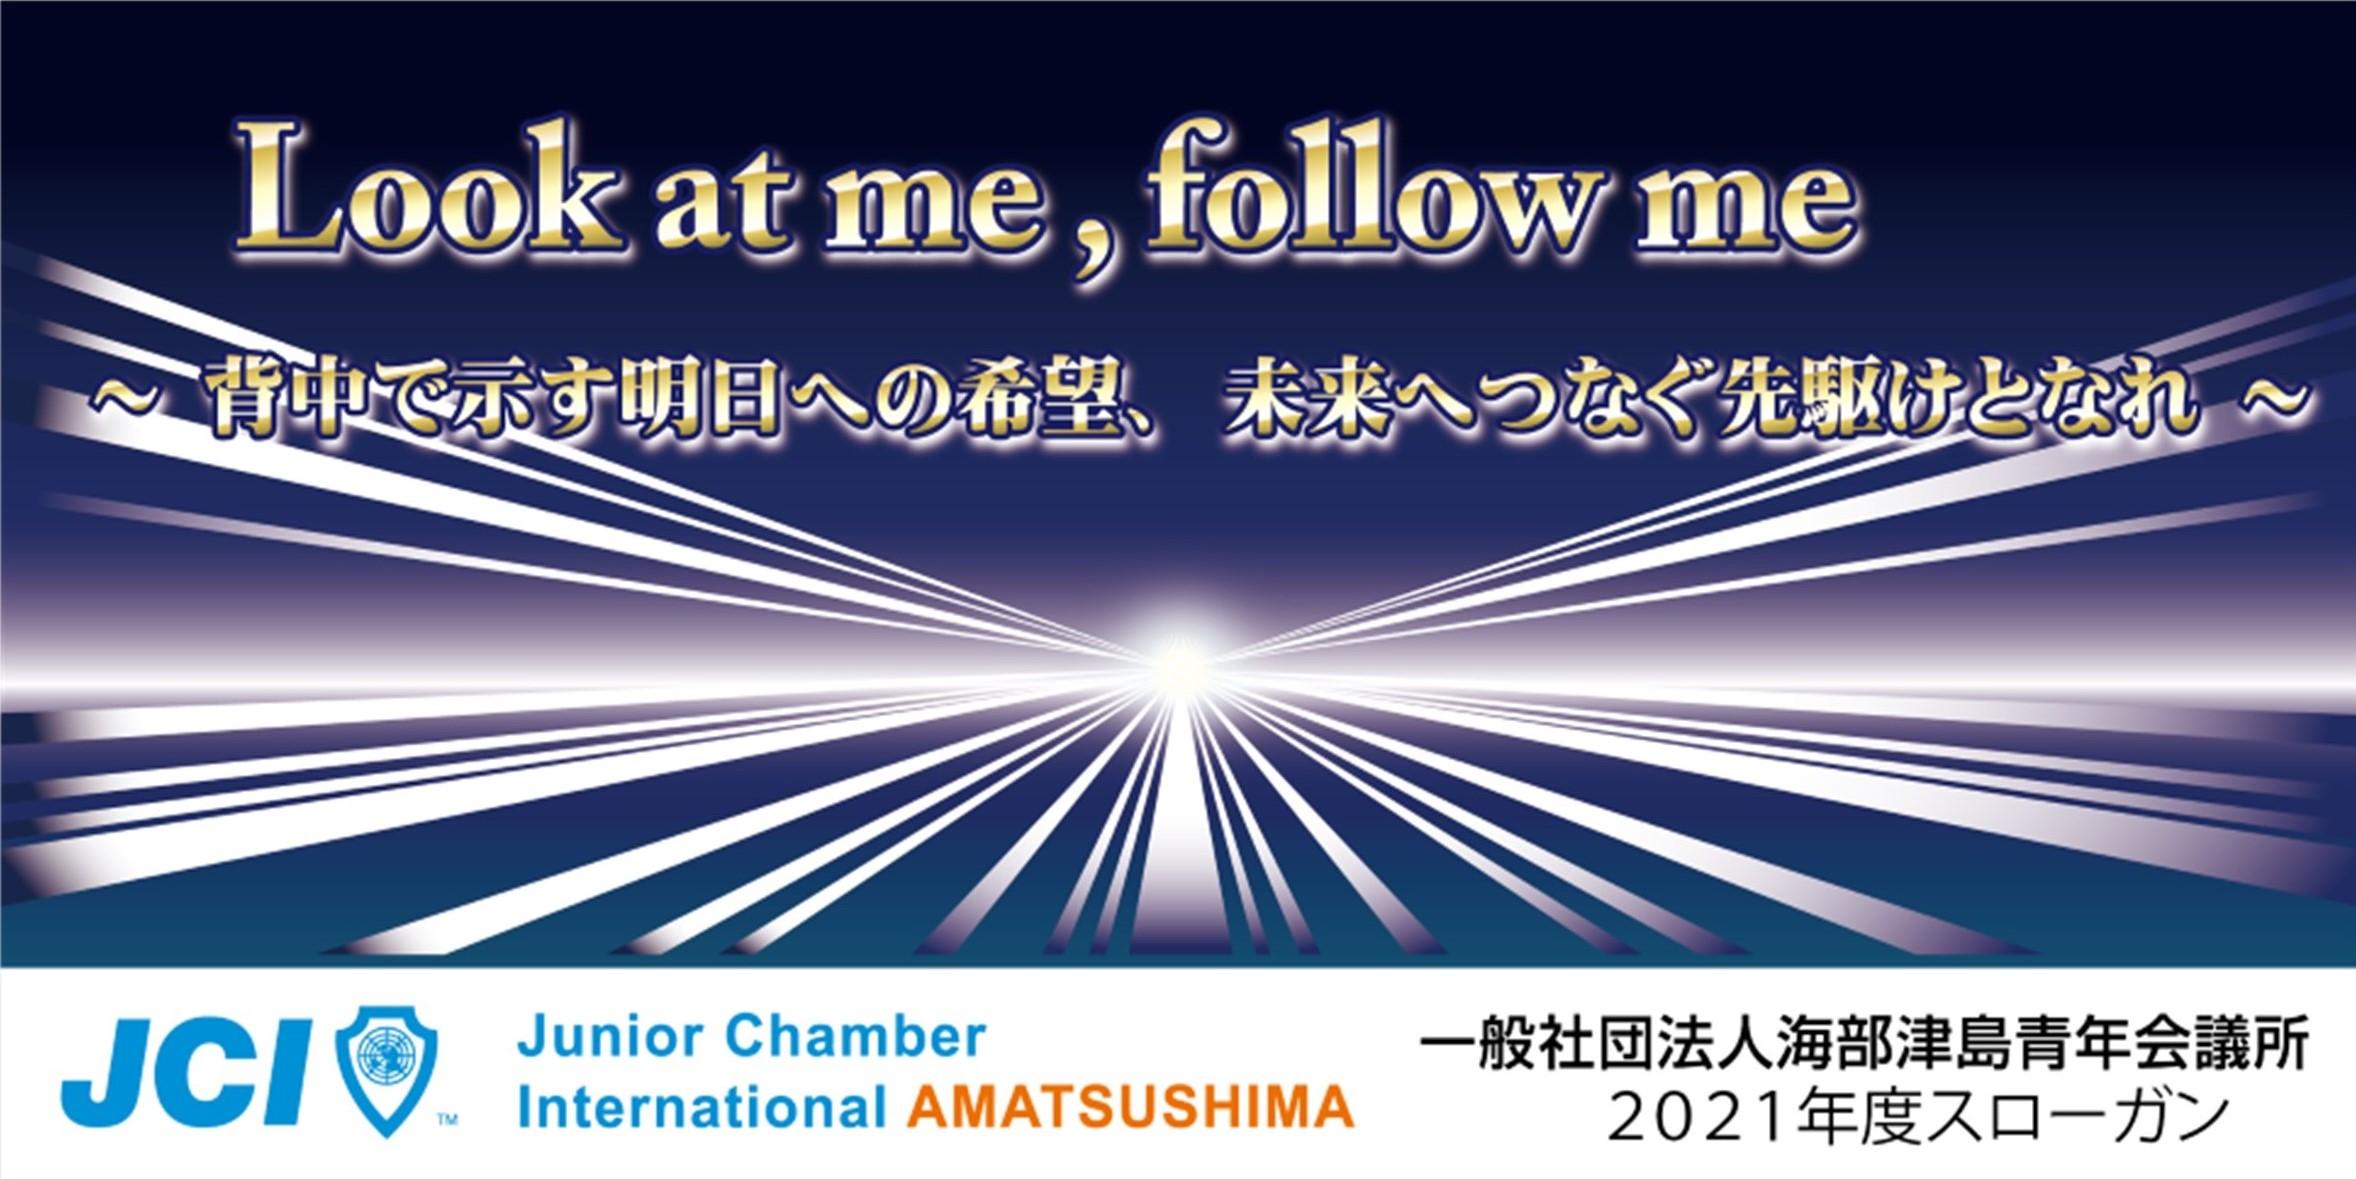 Look at me, follow me ~背中で示す明日への希望、未来へつなぐ先駆けとなれ~